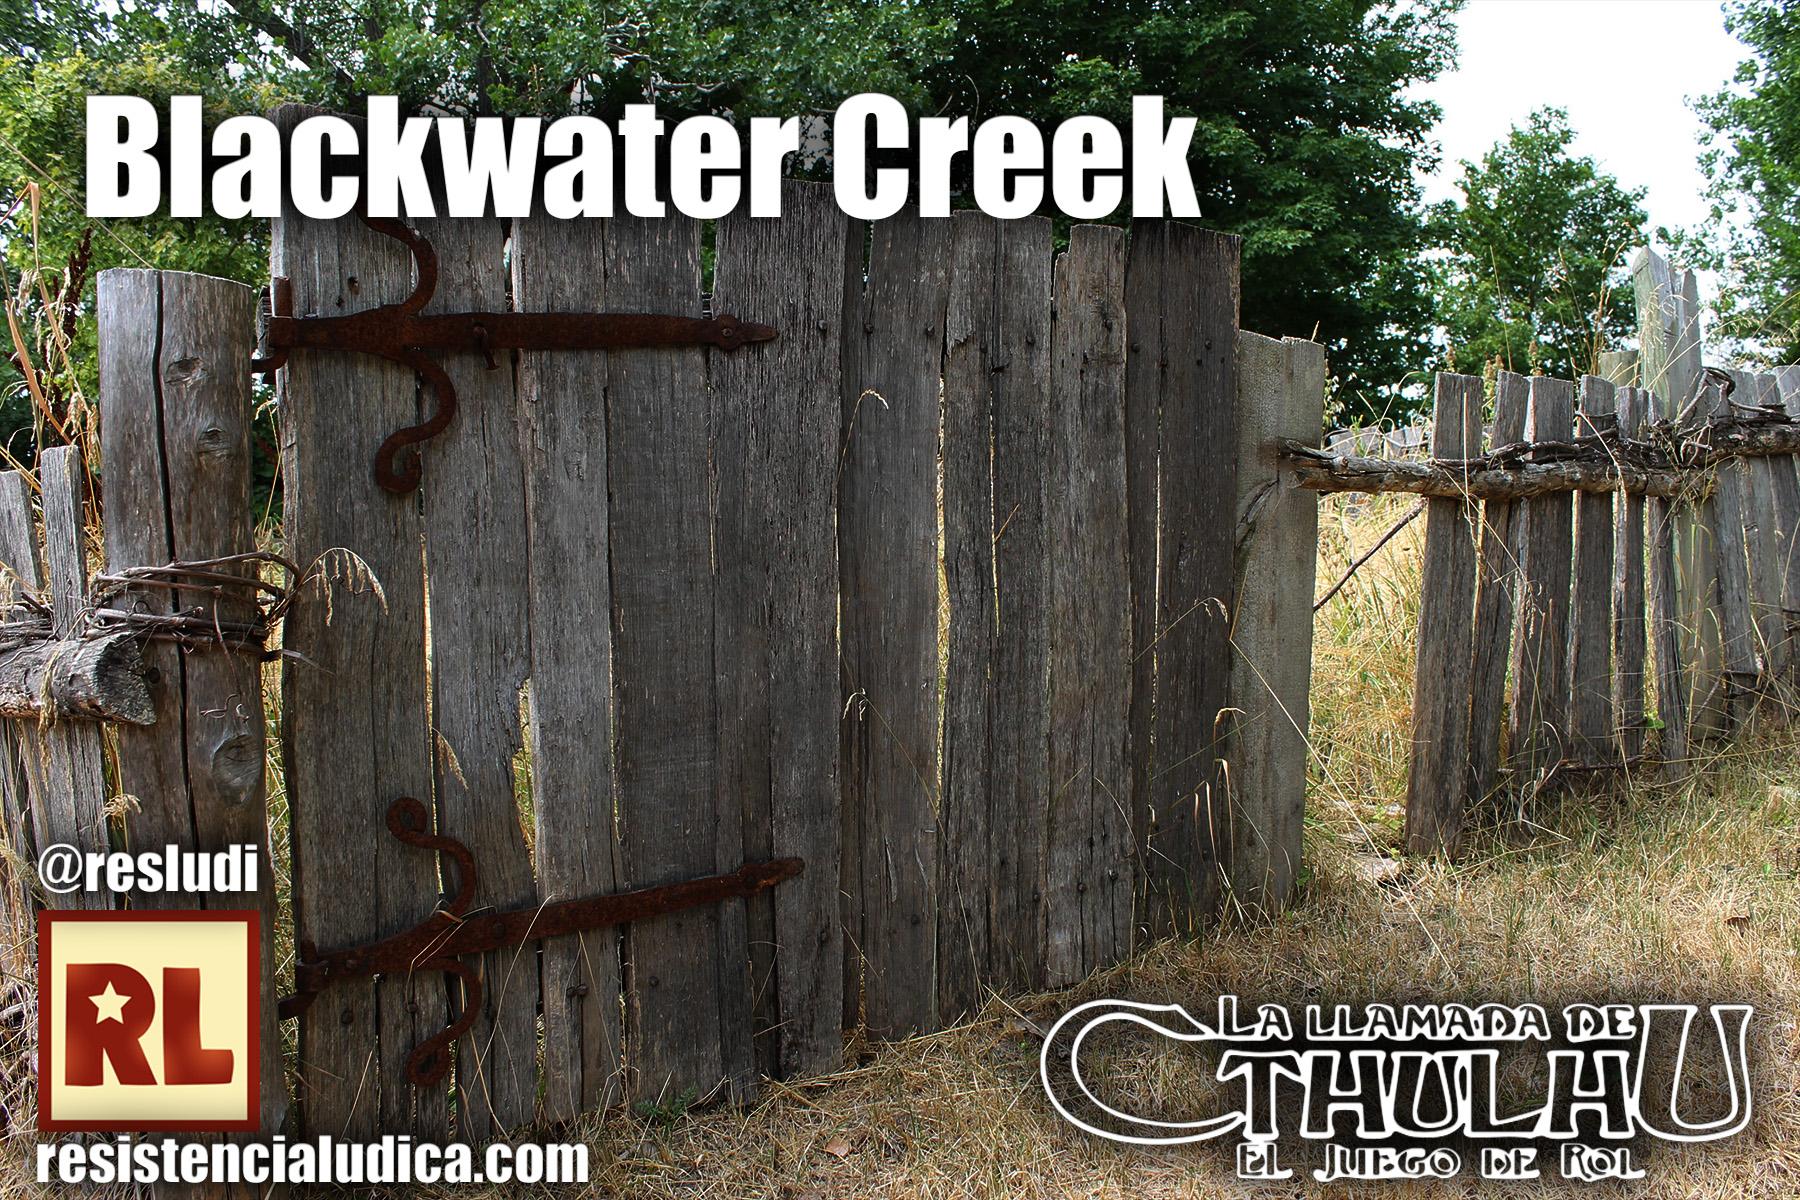 Blackwater Creek (La llamada de Cthulhu)